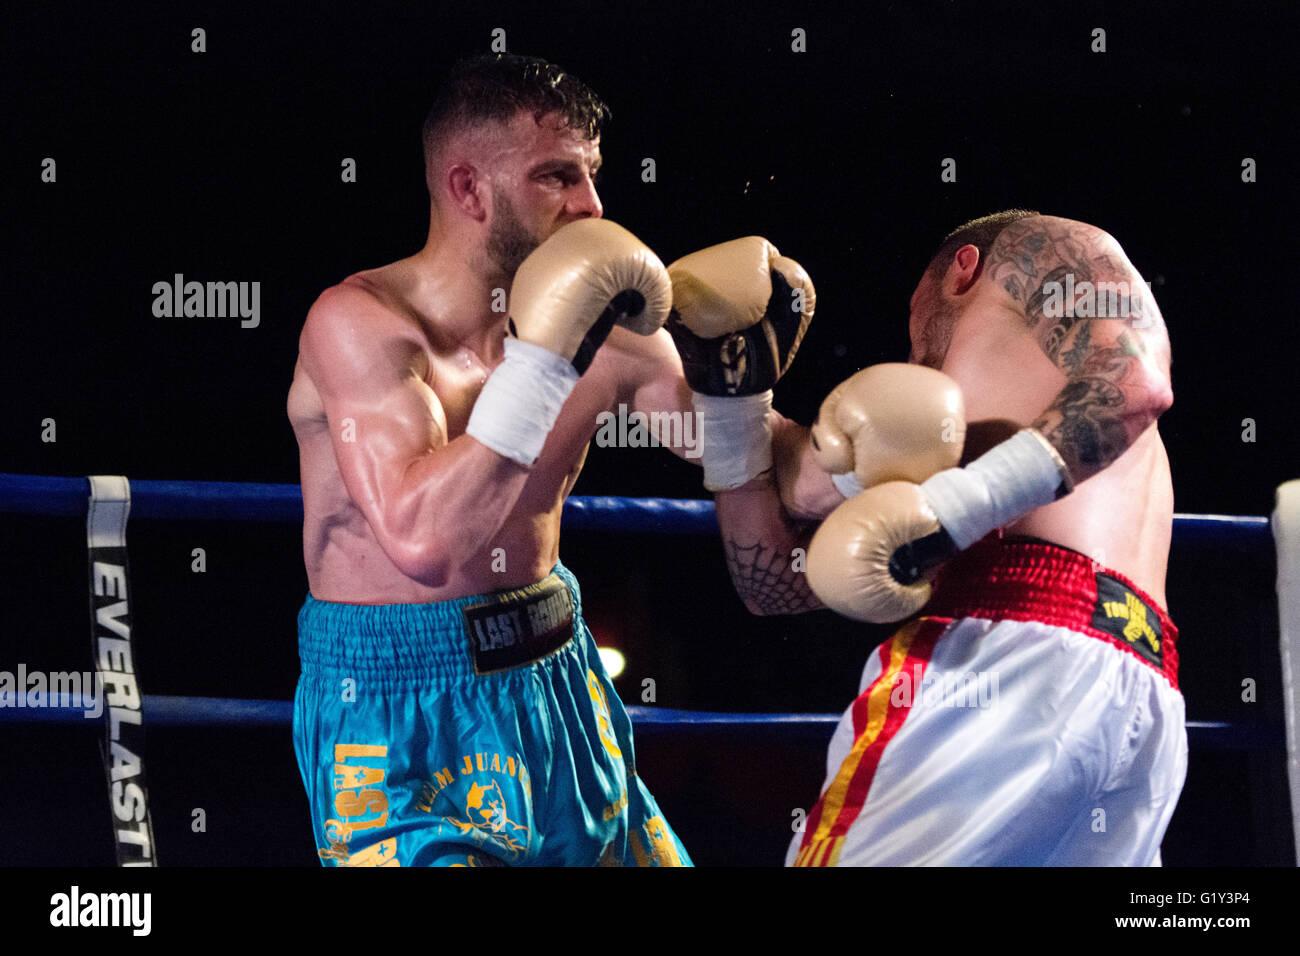 Gijón, España. 21 de mayo, 2016. Juancho Gonzalez hits Marc Vidal durante el combate de boxeo de peso Imagen De Stock